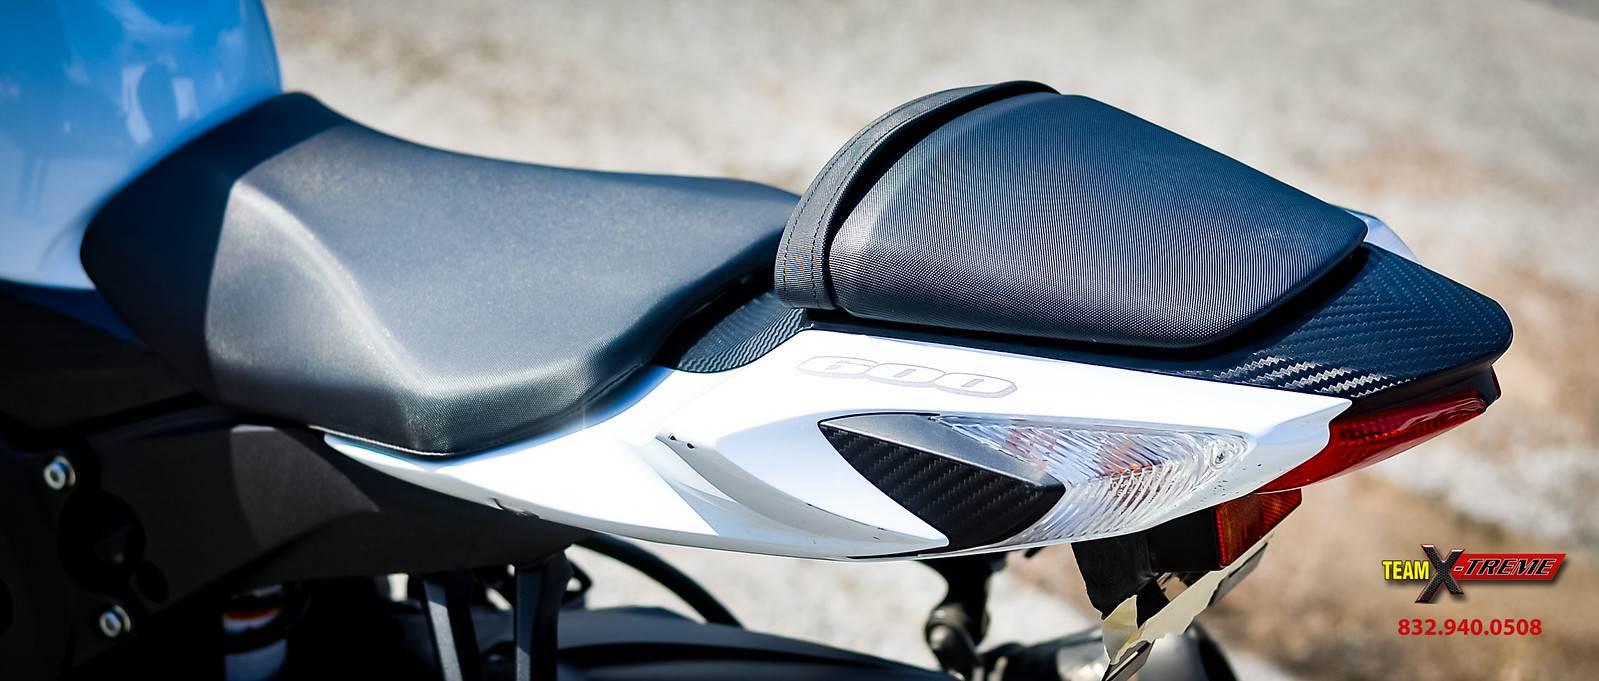 2015 Suzuki GSX-R600 11